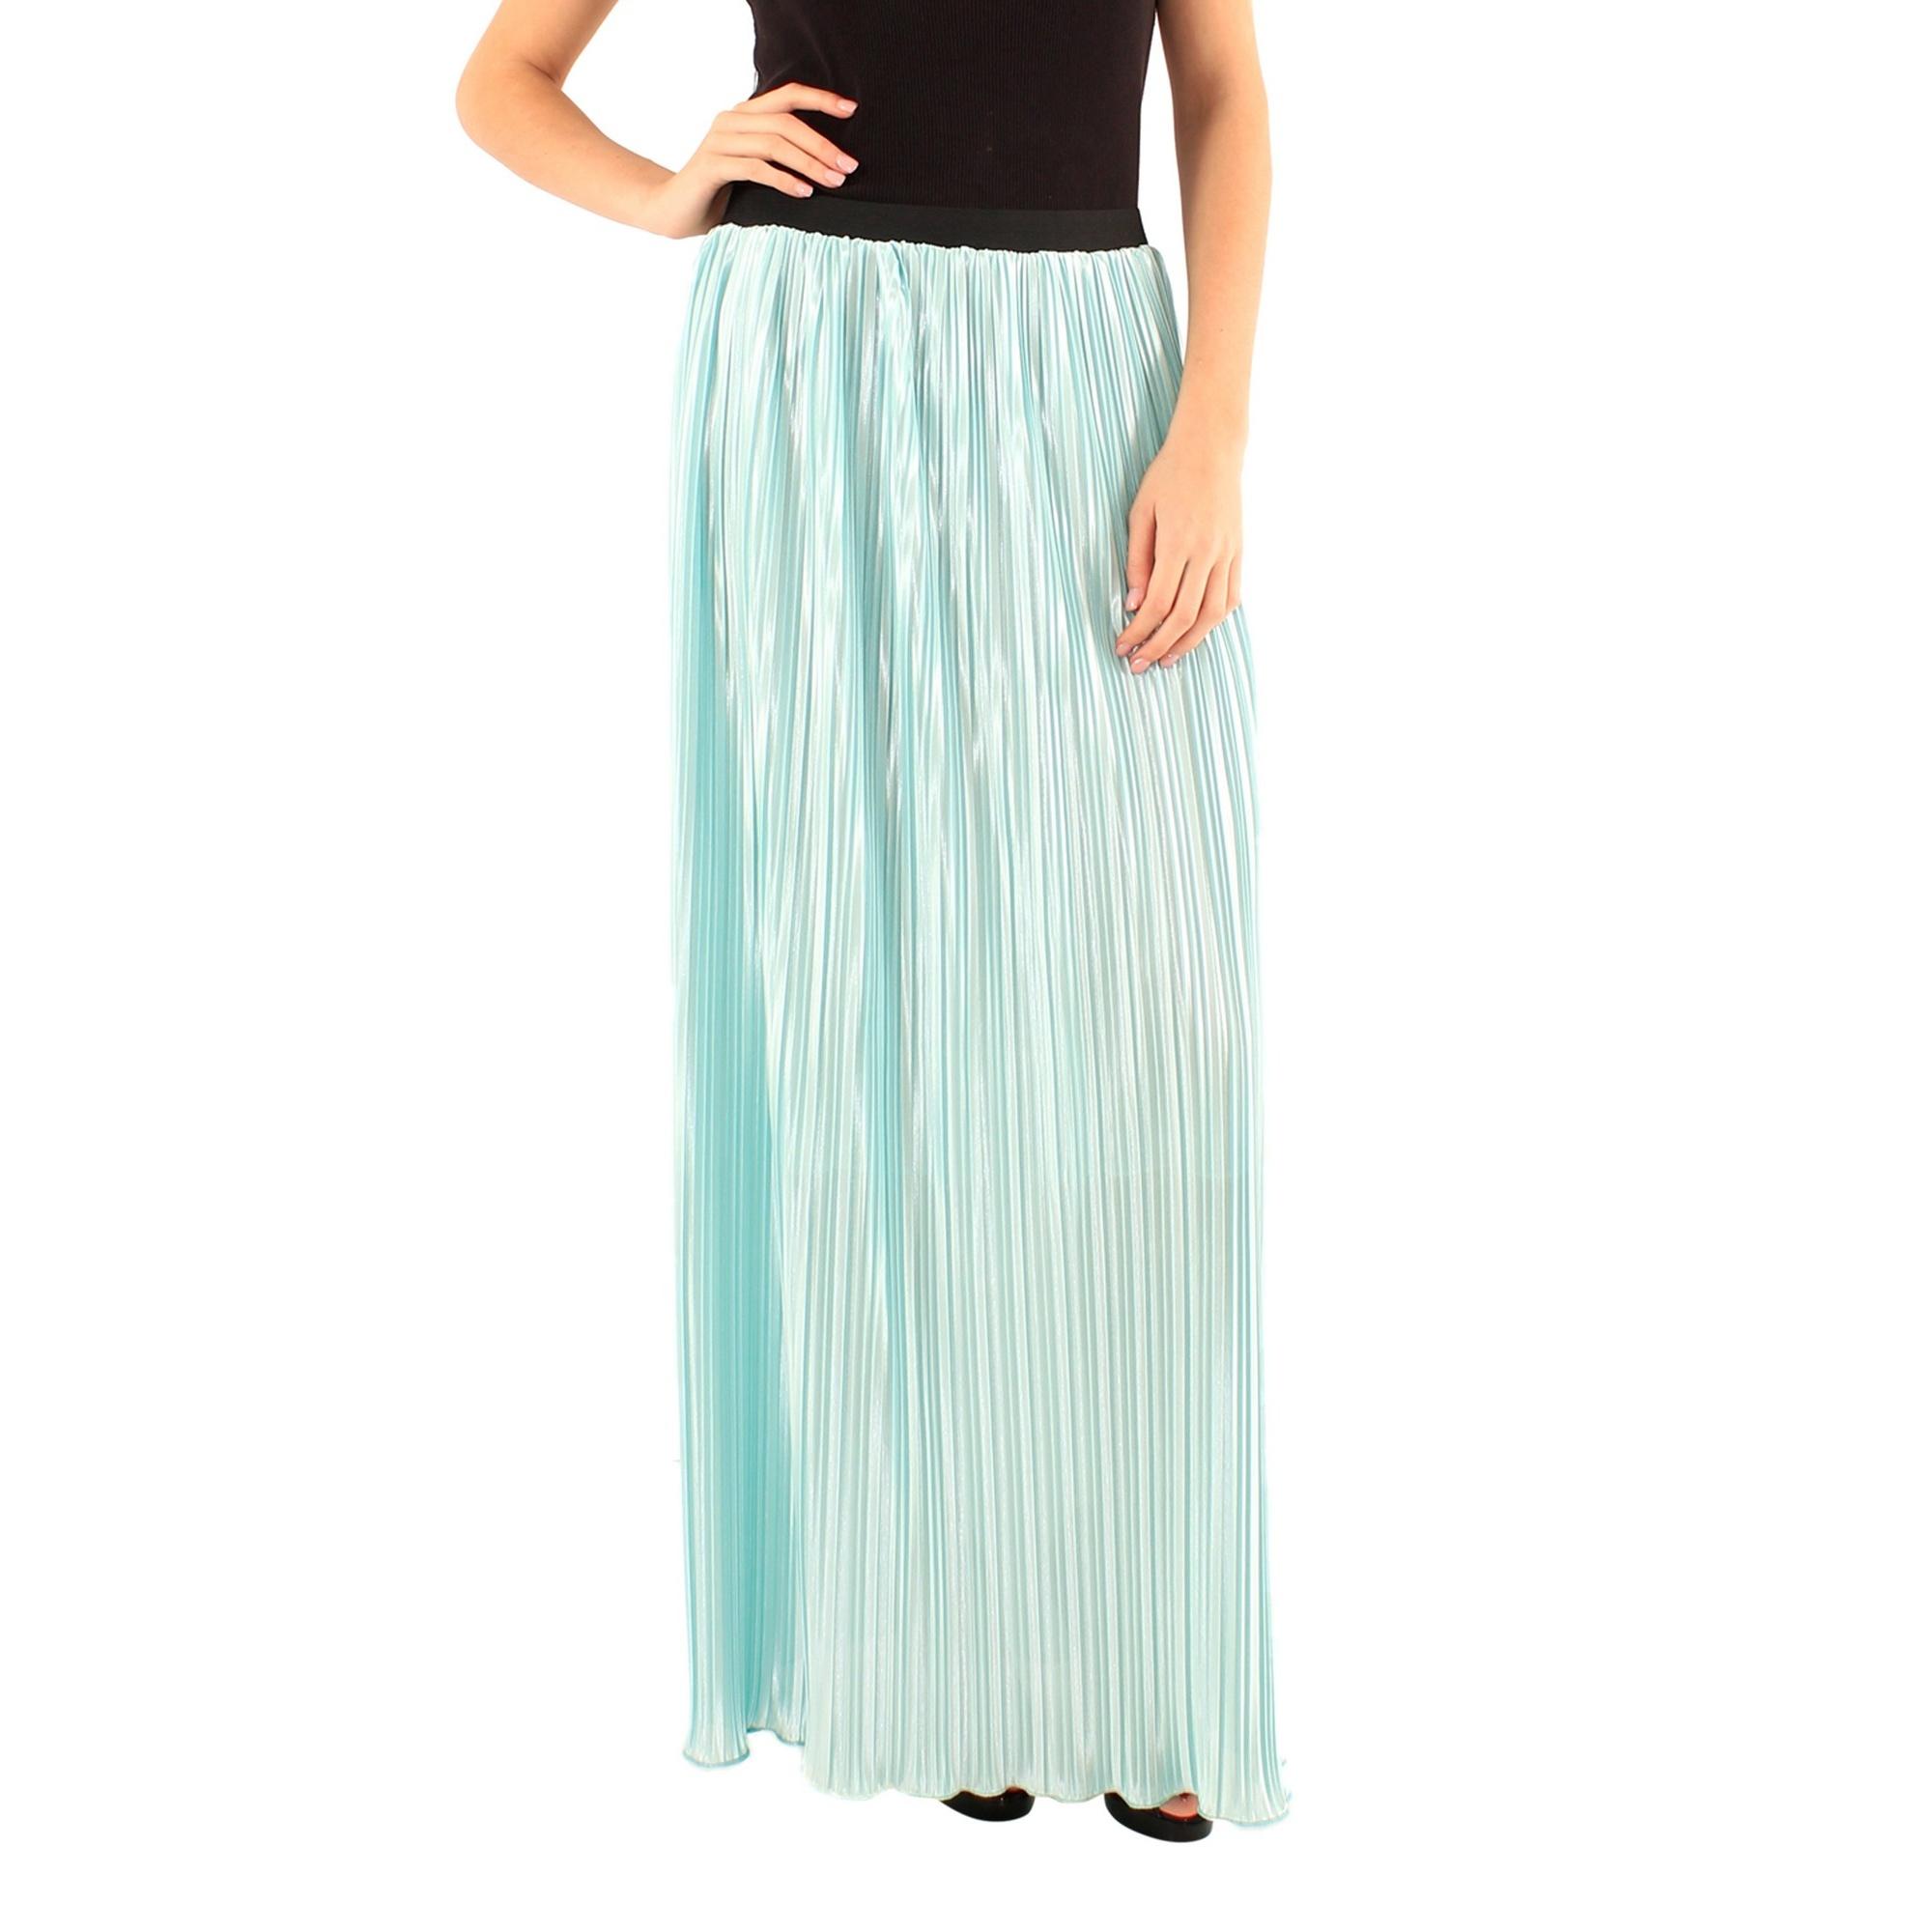 Lili London Womens/Ladies Amalia Pleated Maxi Skirt (M/L) (Mint Green)